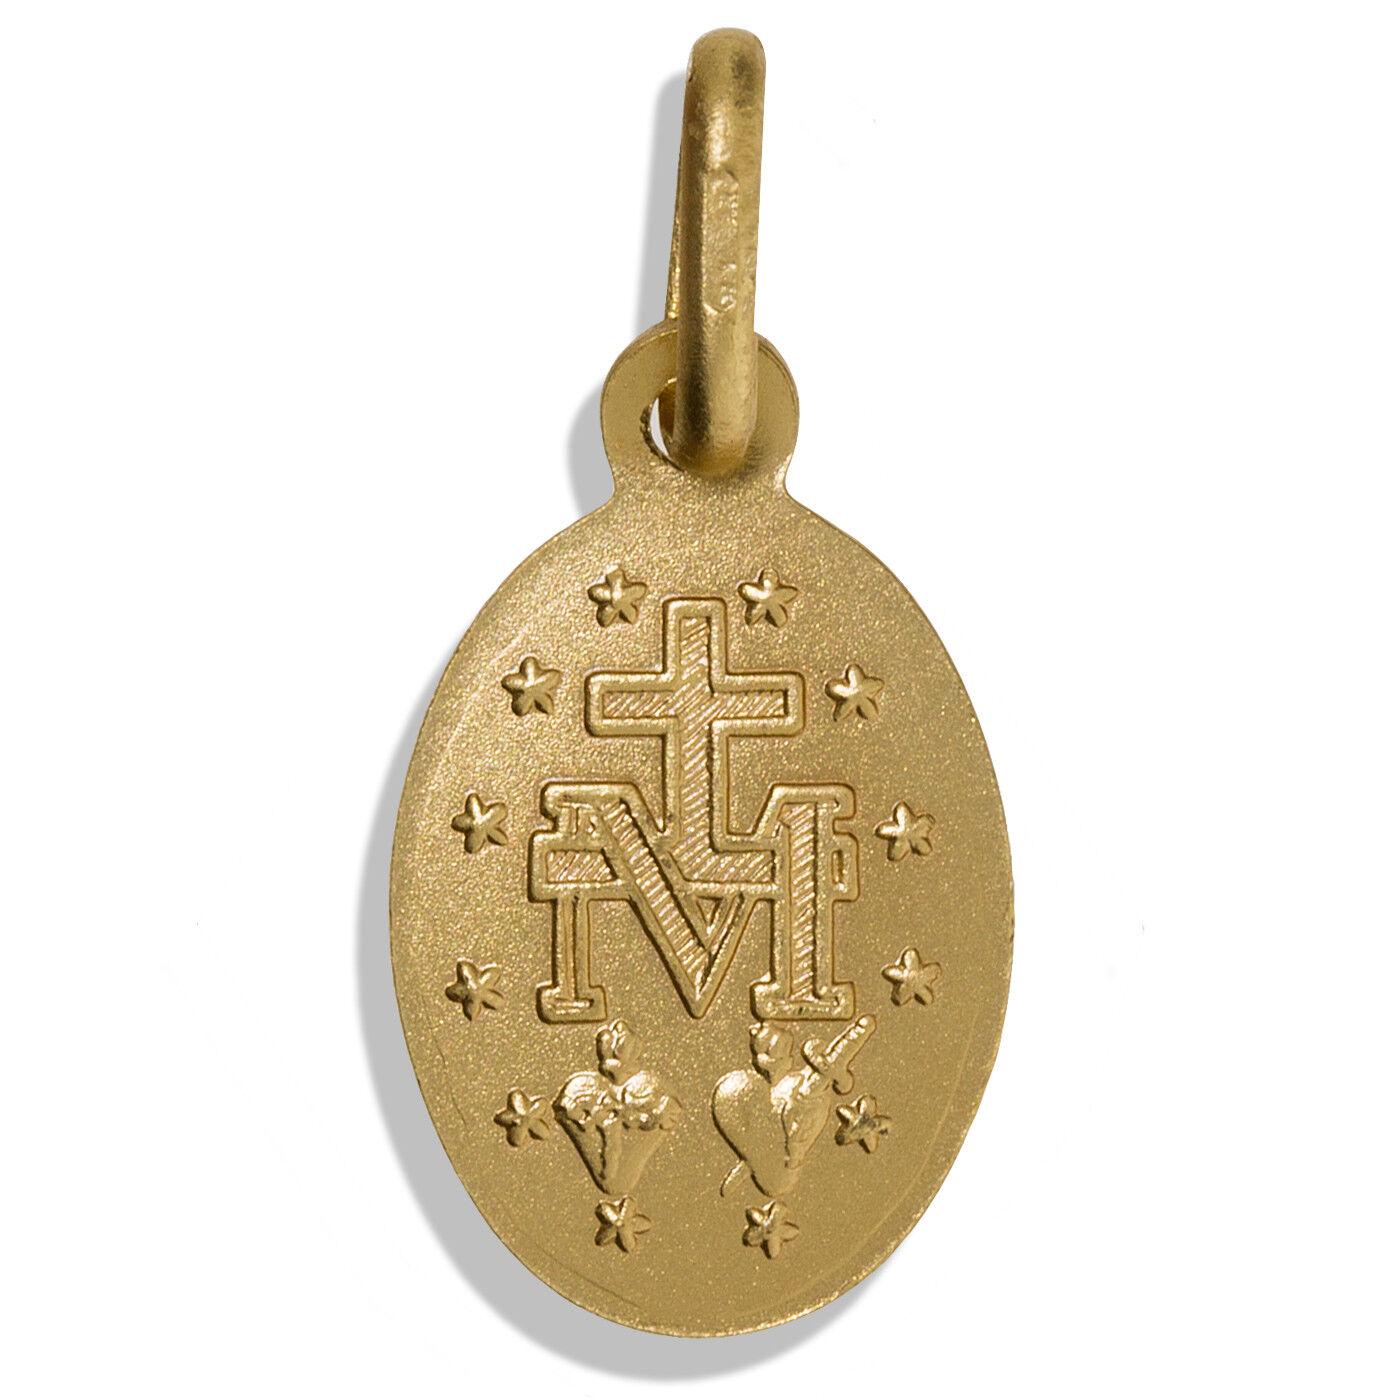 9CT MEDAGLIA D'oro D'oro D'oro miracoloso MARIA MADONNA IMMACOLATA CONCEZIONE Ciondolo Charm BOX 36d83c